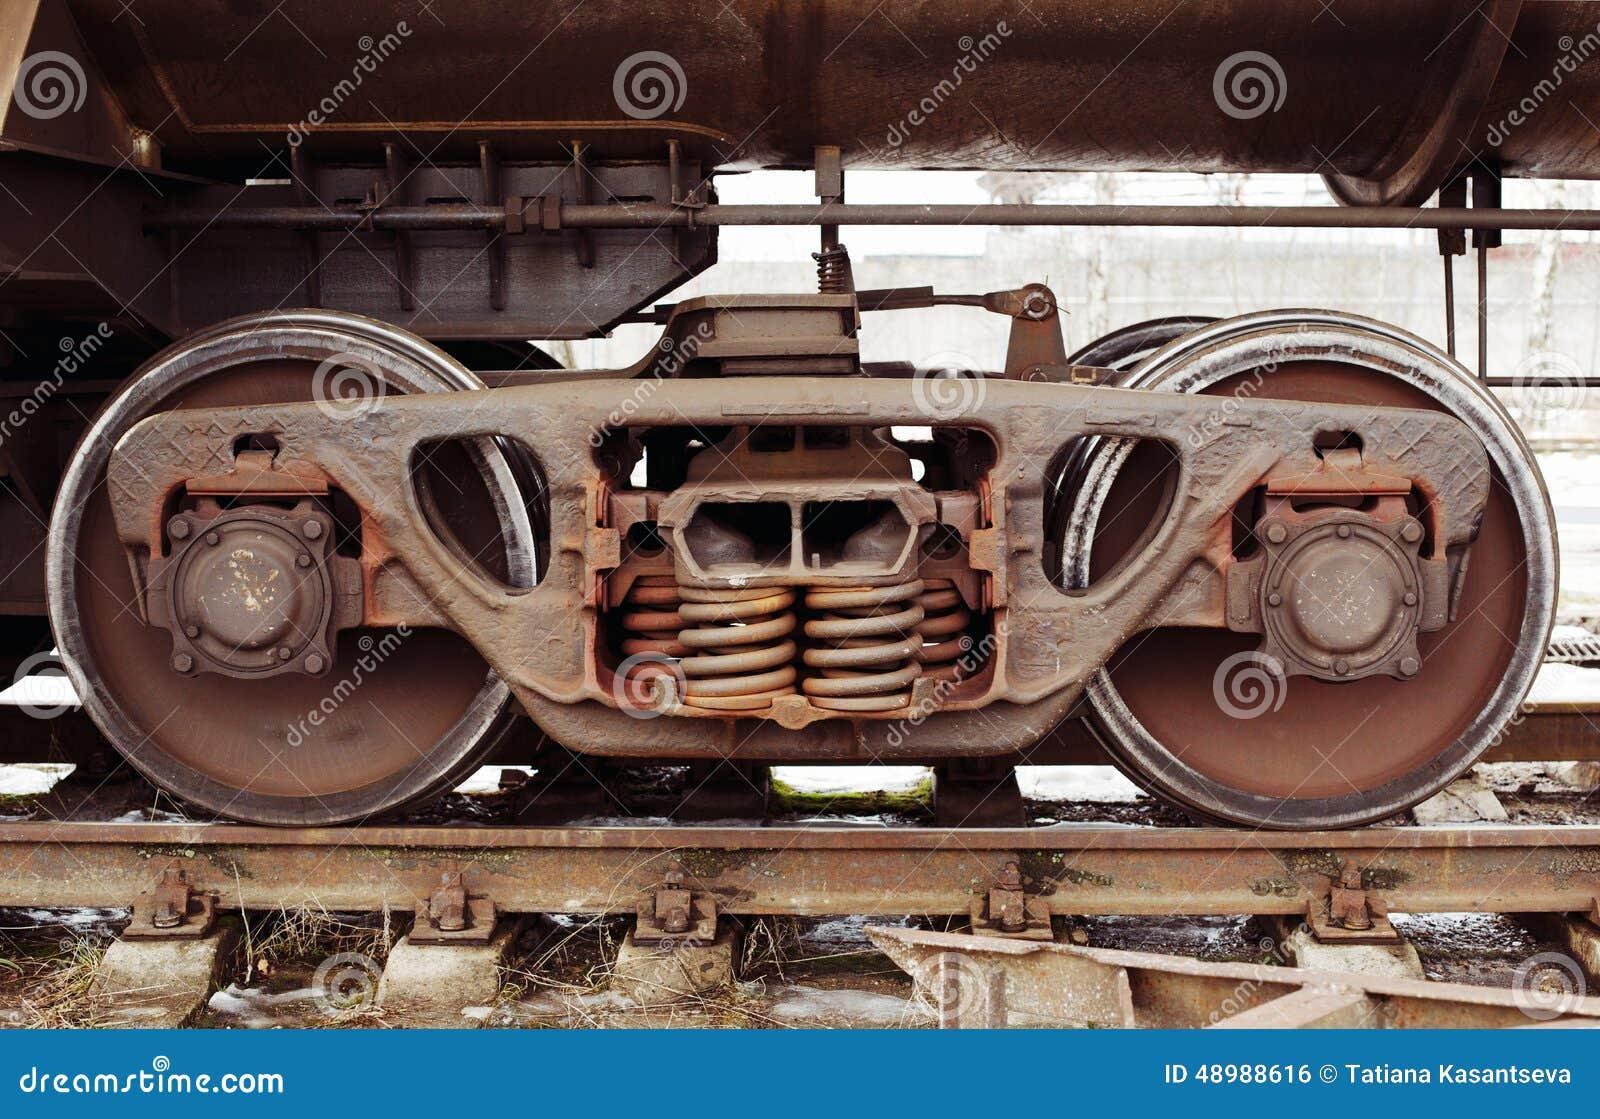 Industriele Wielen Oud.De Industriele Wielen Van De Spoorauto Stock Foto Afbeelding